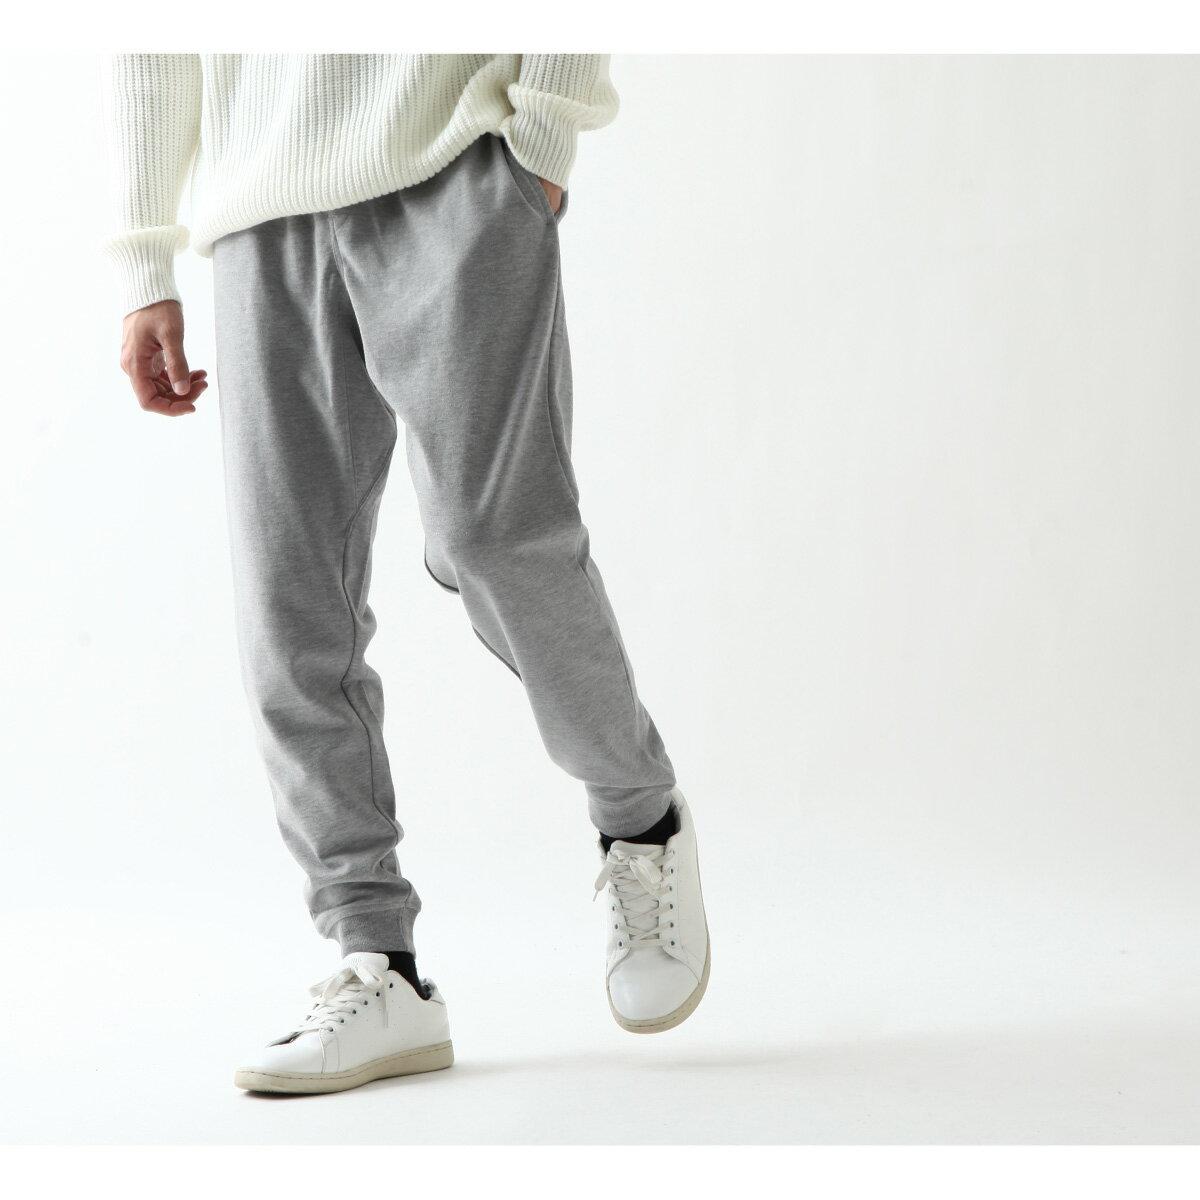 側線條運動褲 7